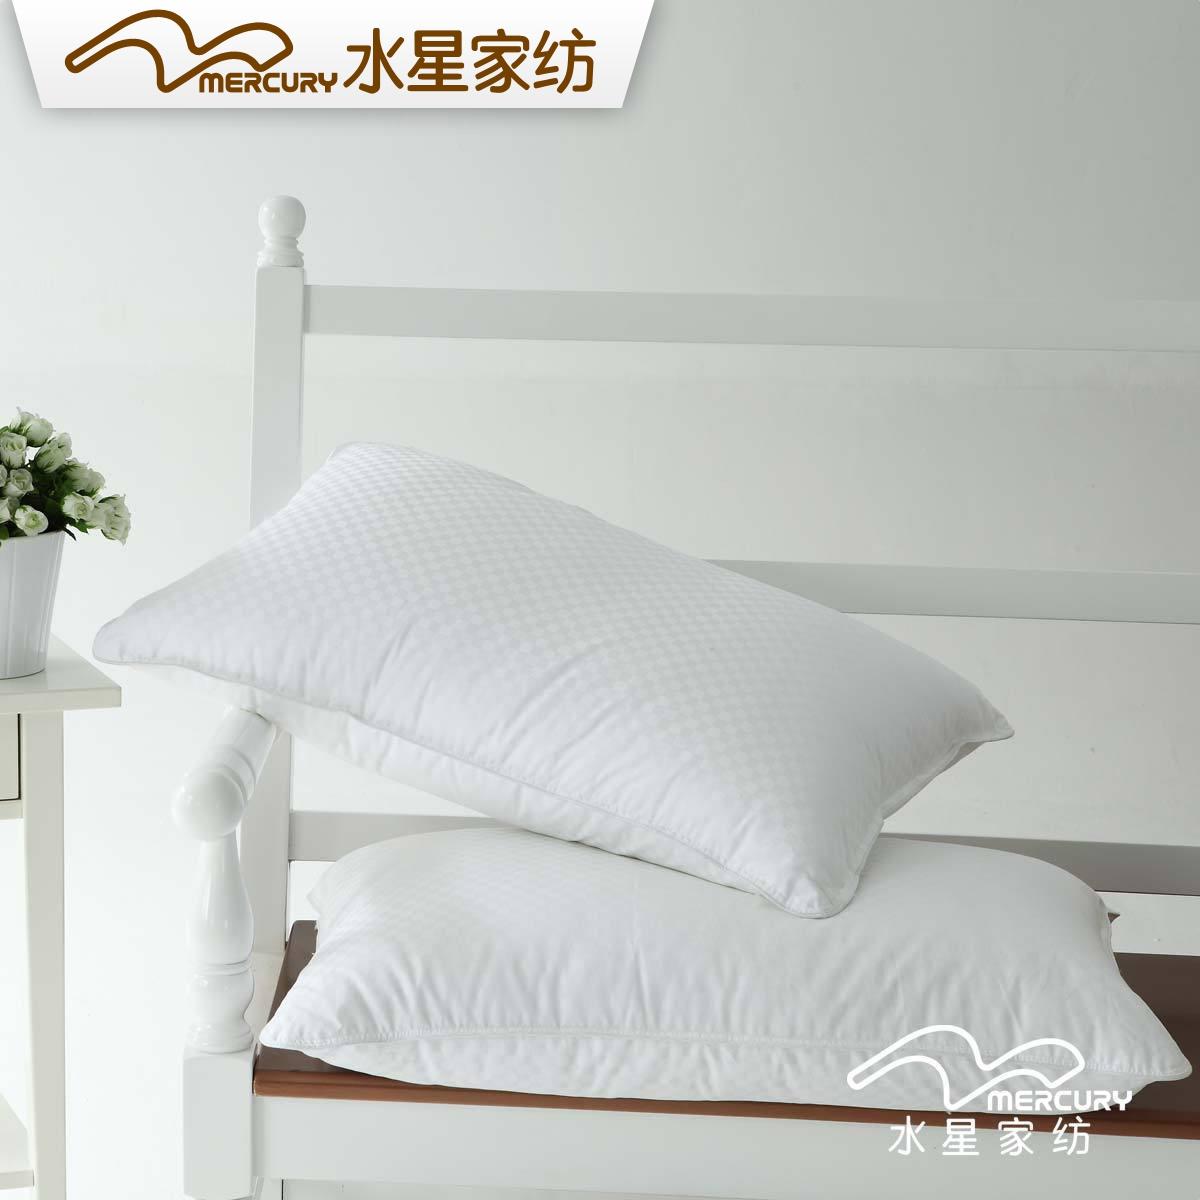 水星家纺全棉提花枕芯501235